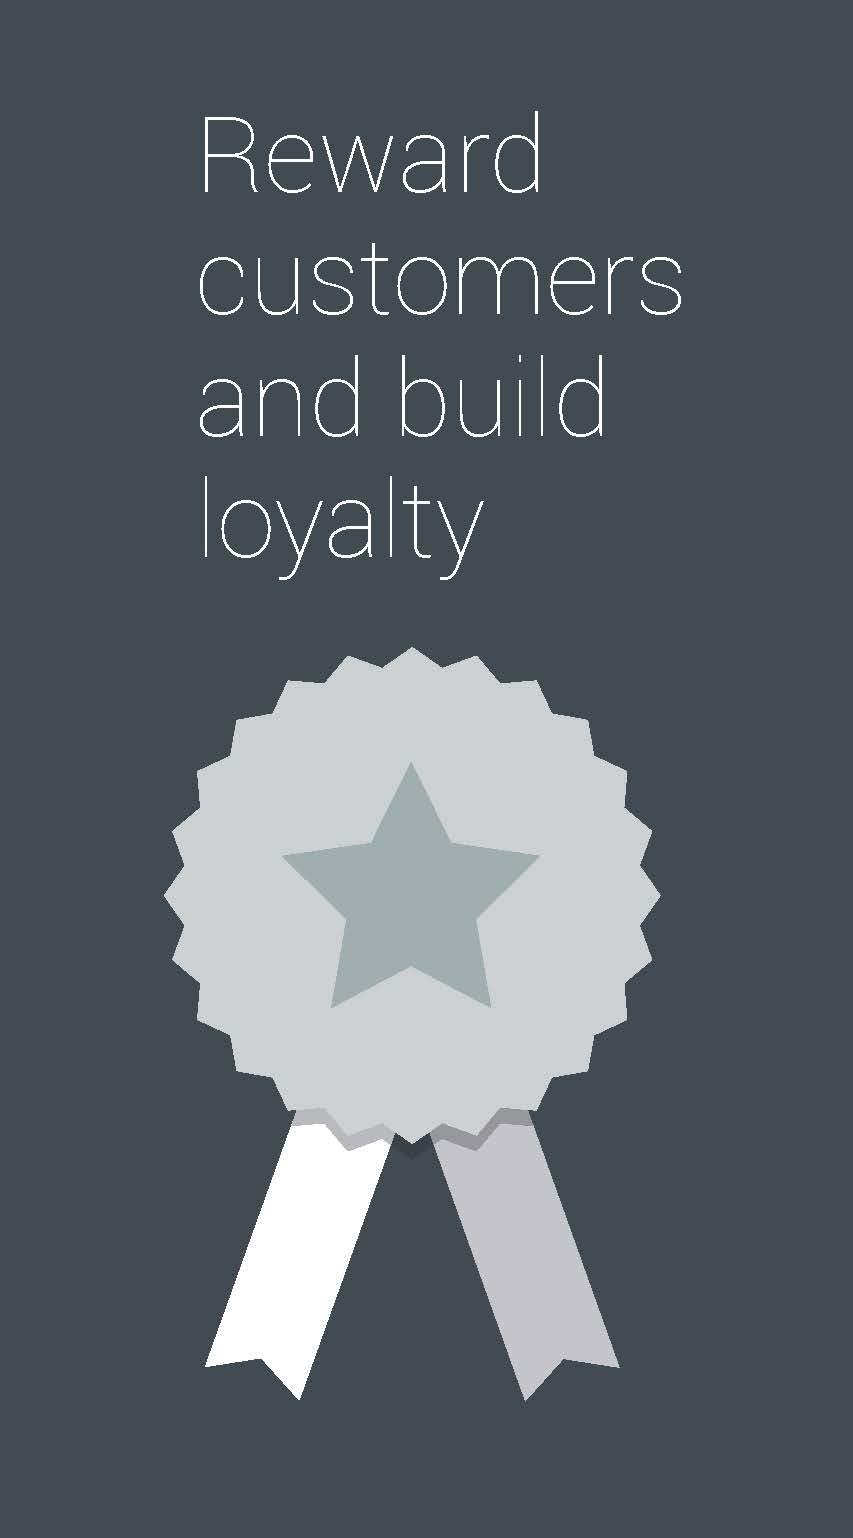 """graphic of award ribbon and says """"reward customers and build loyalty"""""""